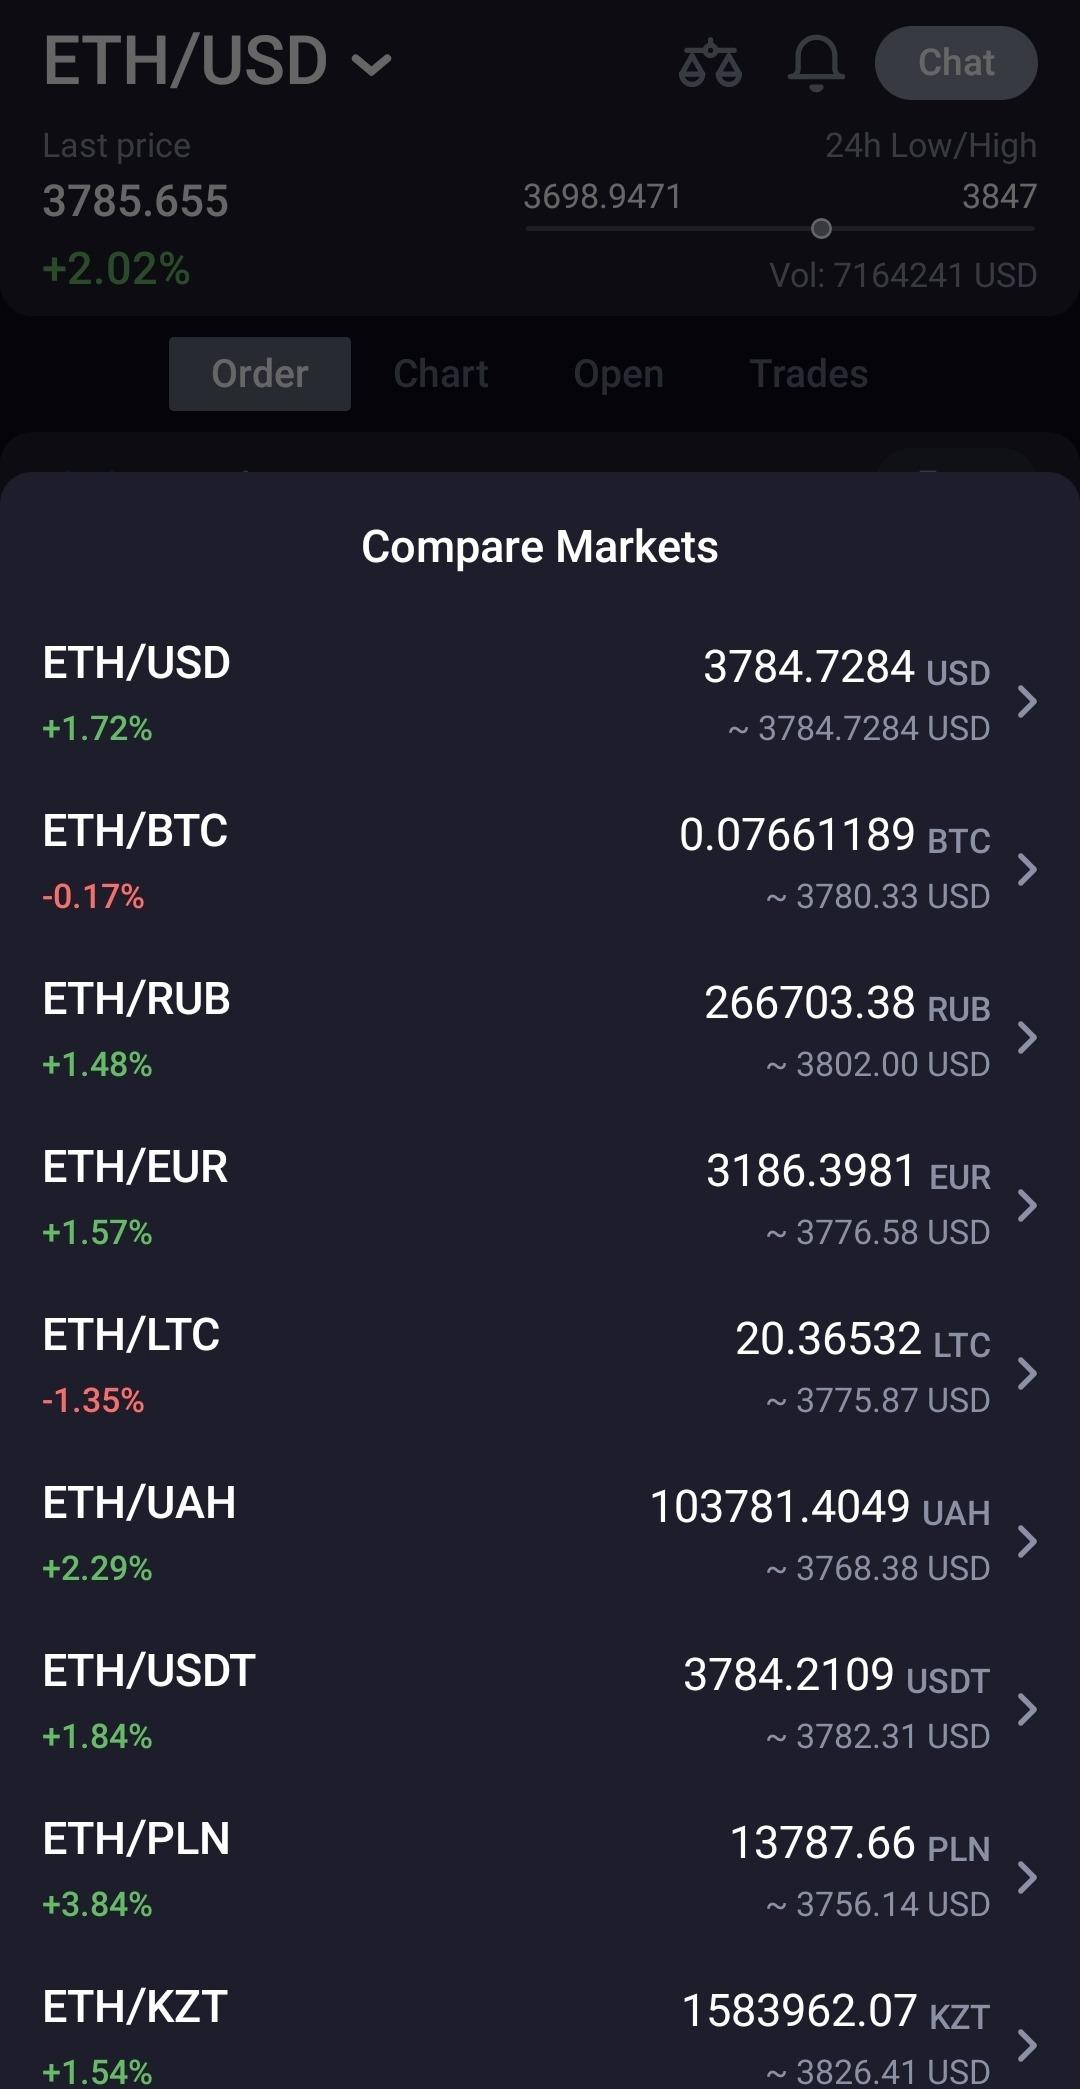 compare markets